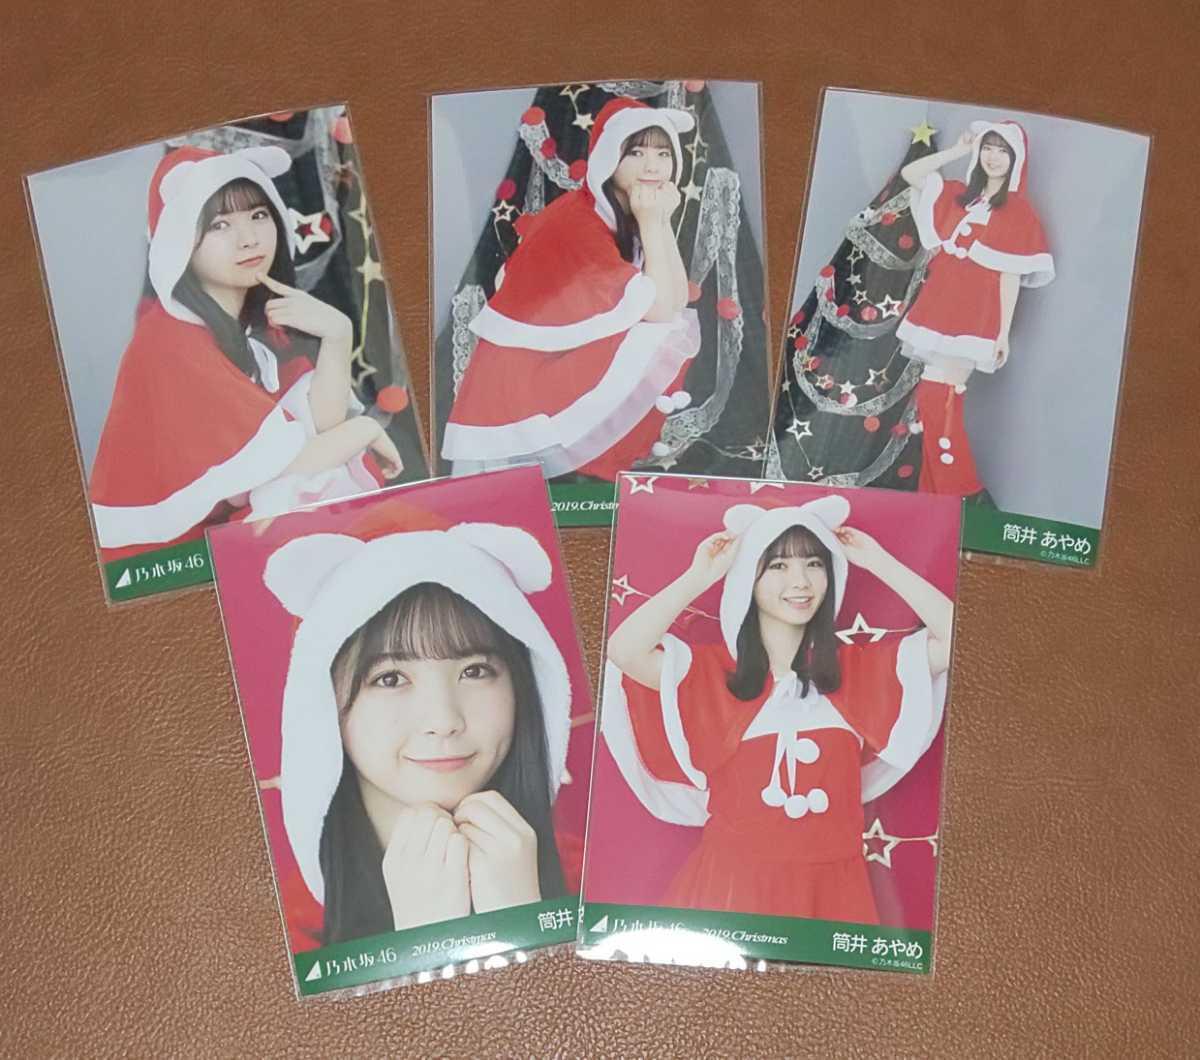 乃木坂46 筒井あやめ 2019.Christmas Web限定 生写真 サンタ クリスマス